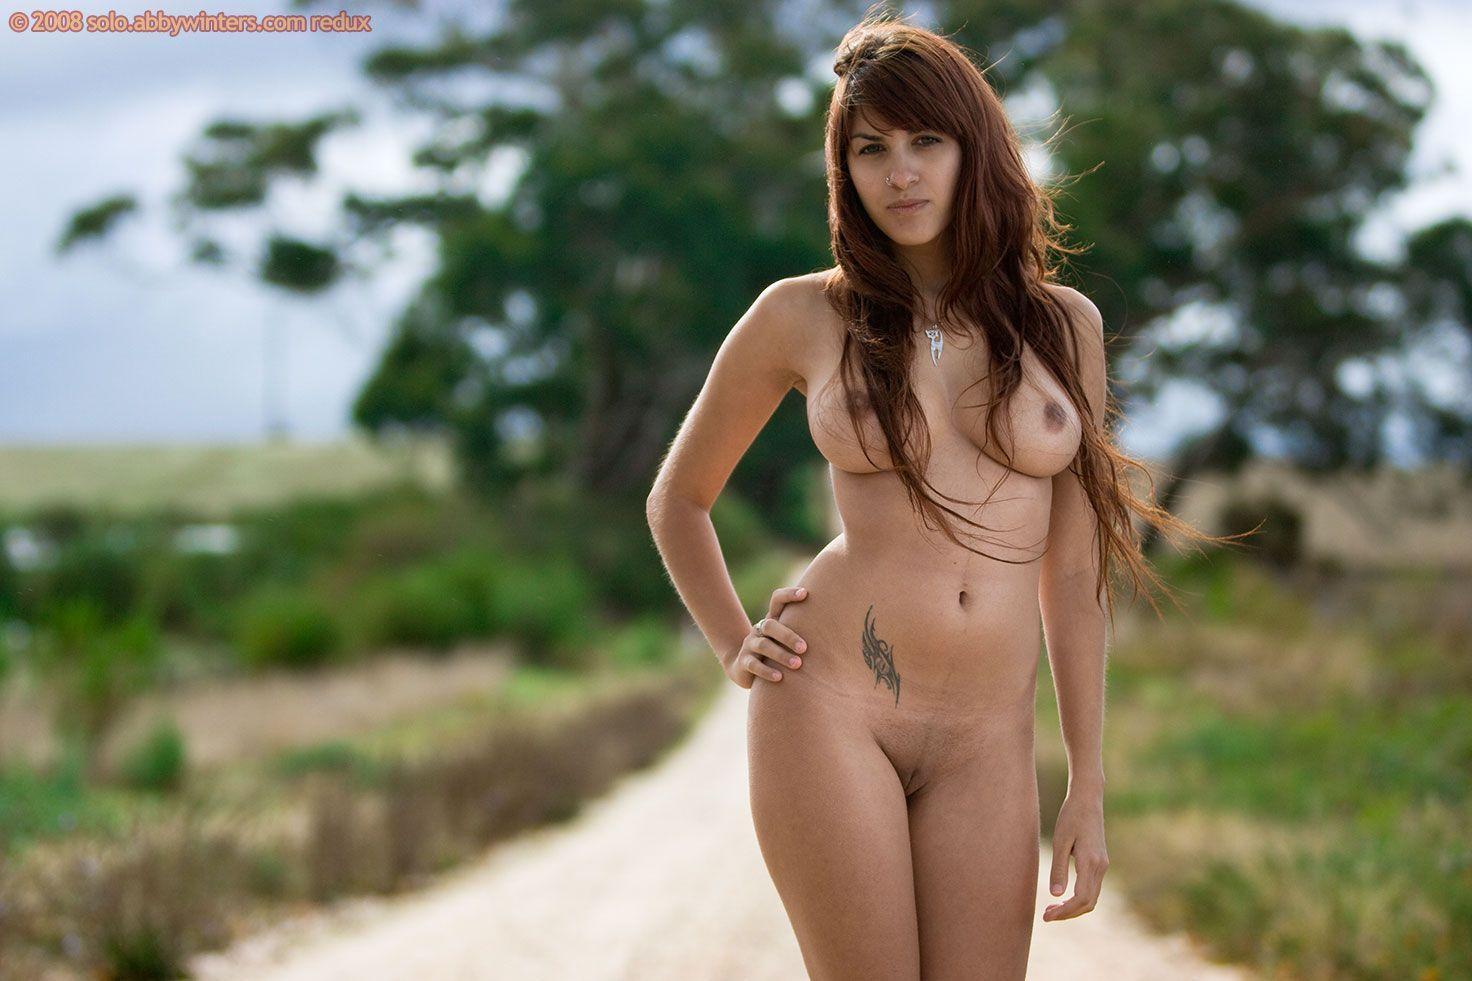 Bilder girl hot black nackt australian